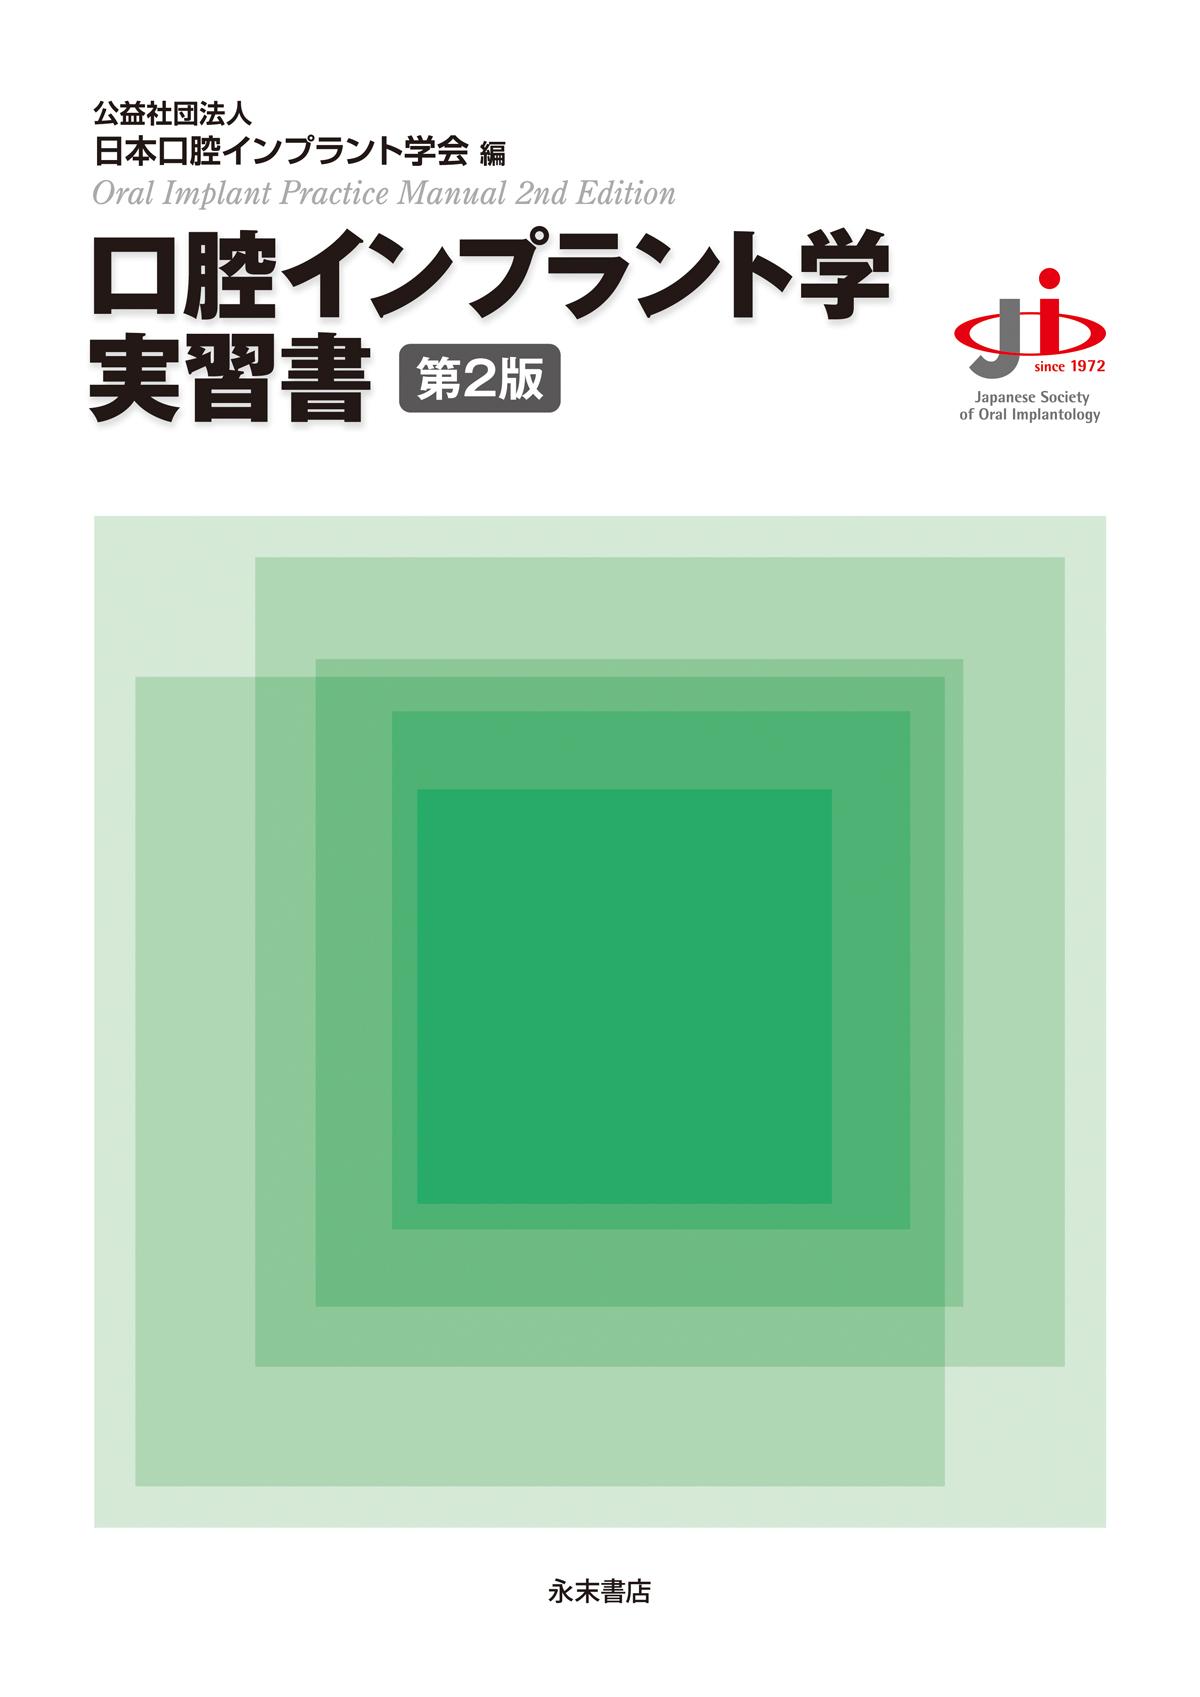 口腔インプラント学実習書 第2版の写真